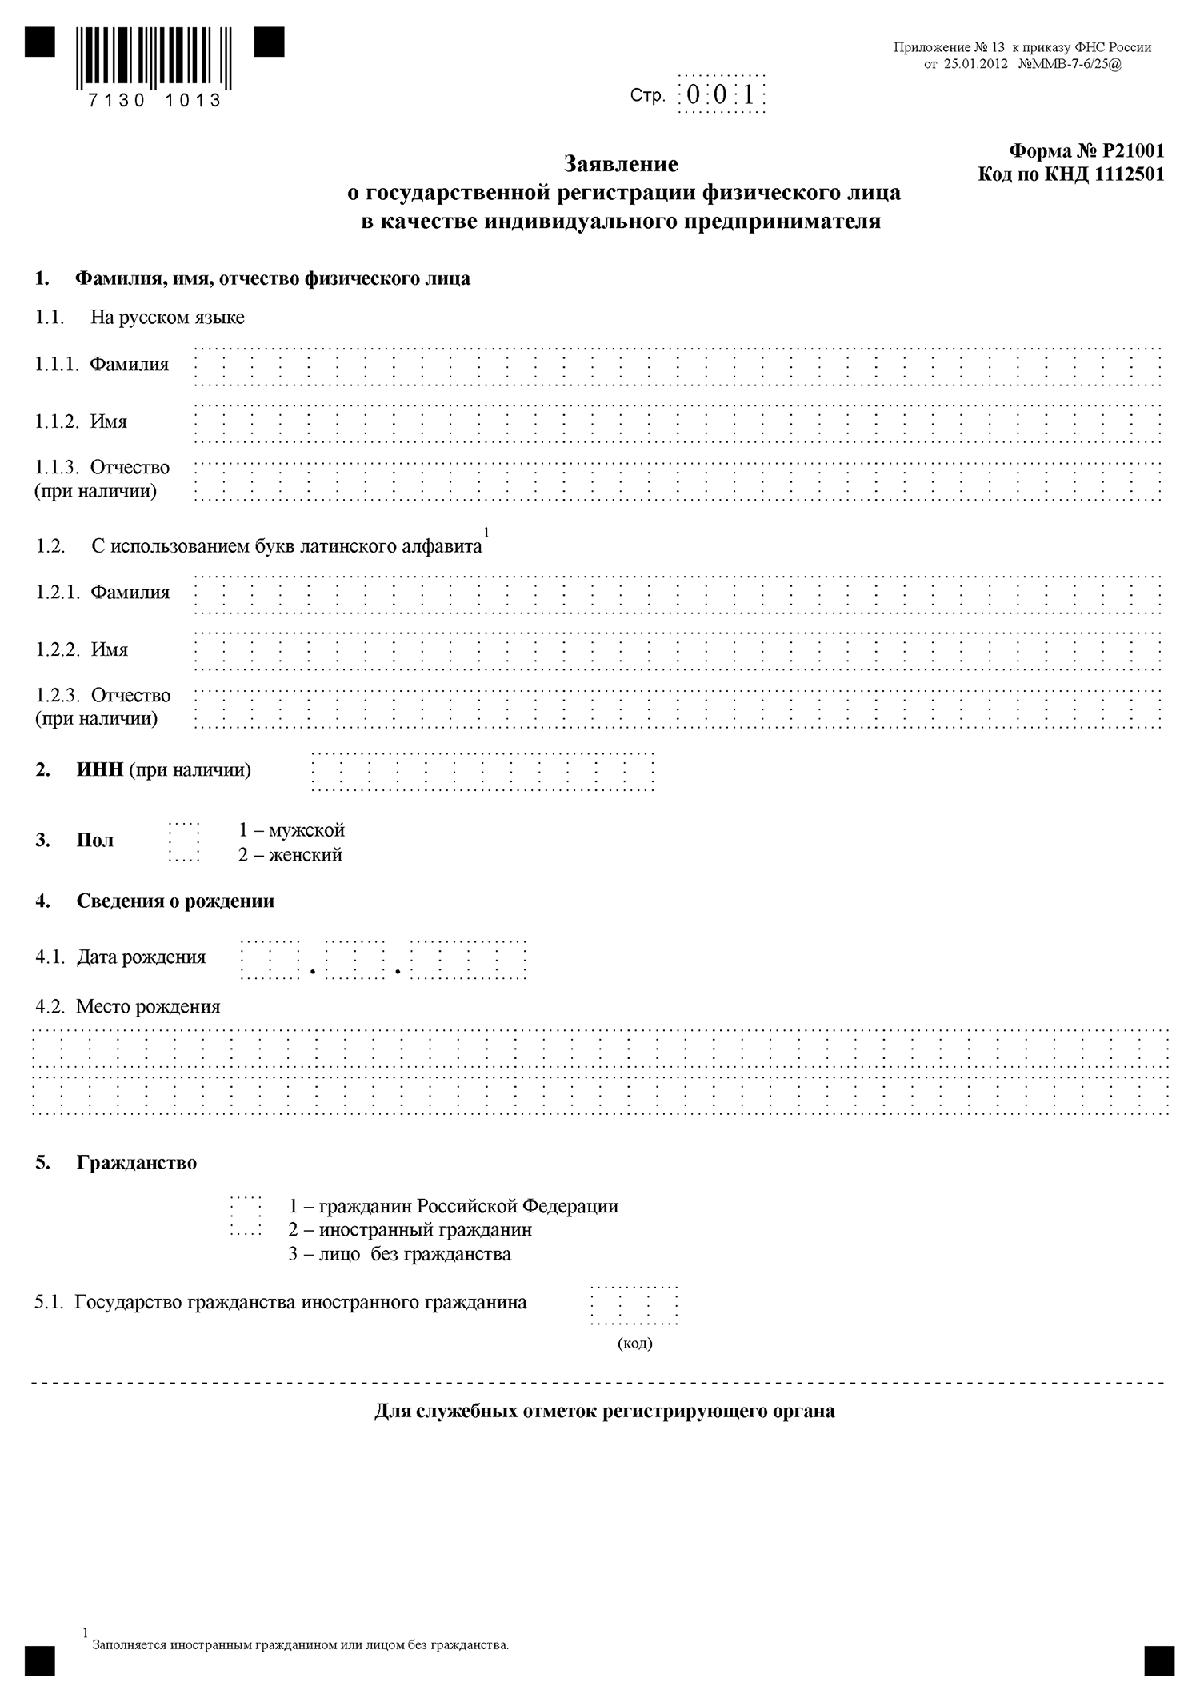 1 страница формы р21001